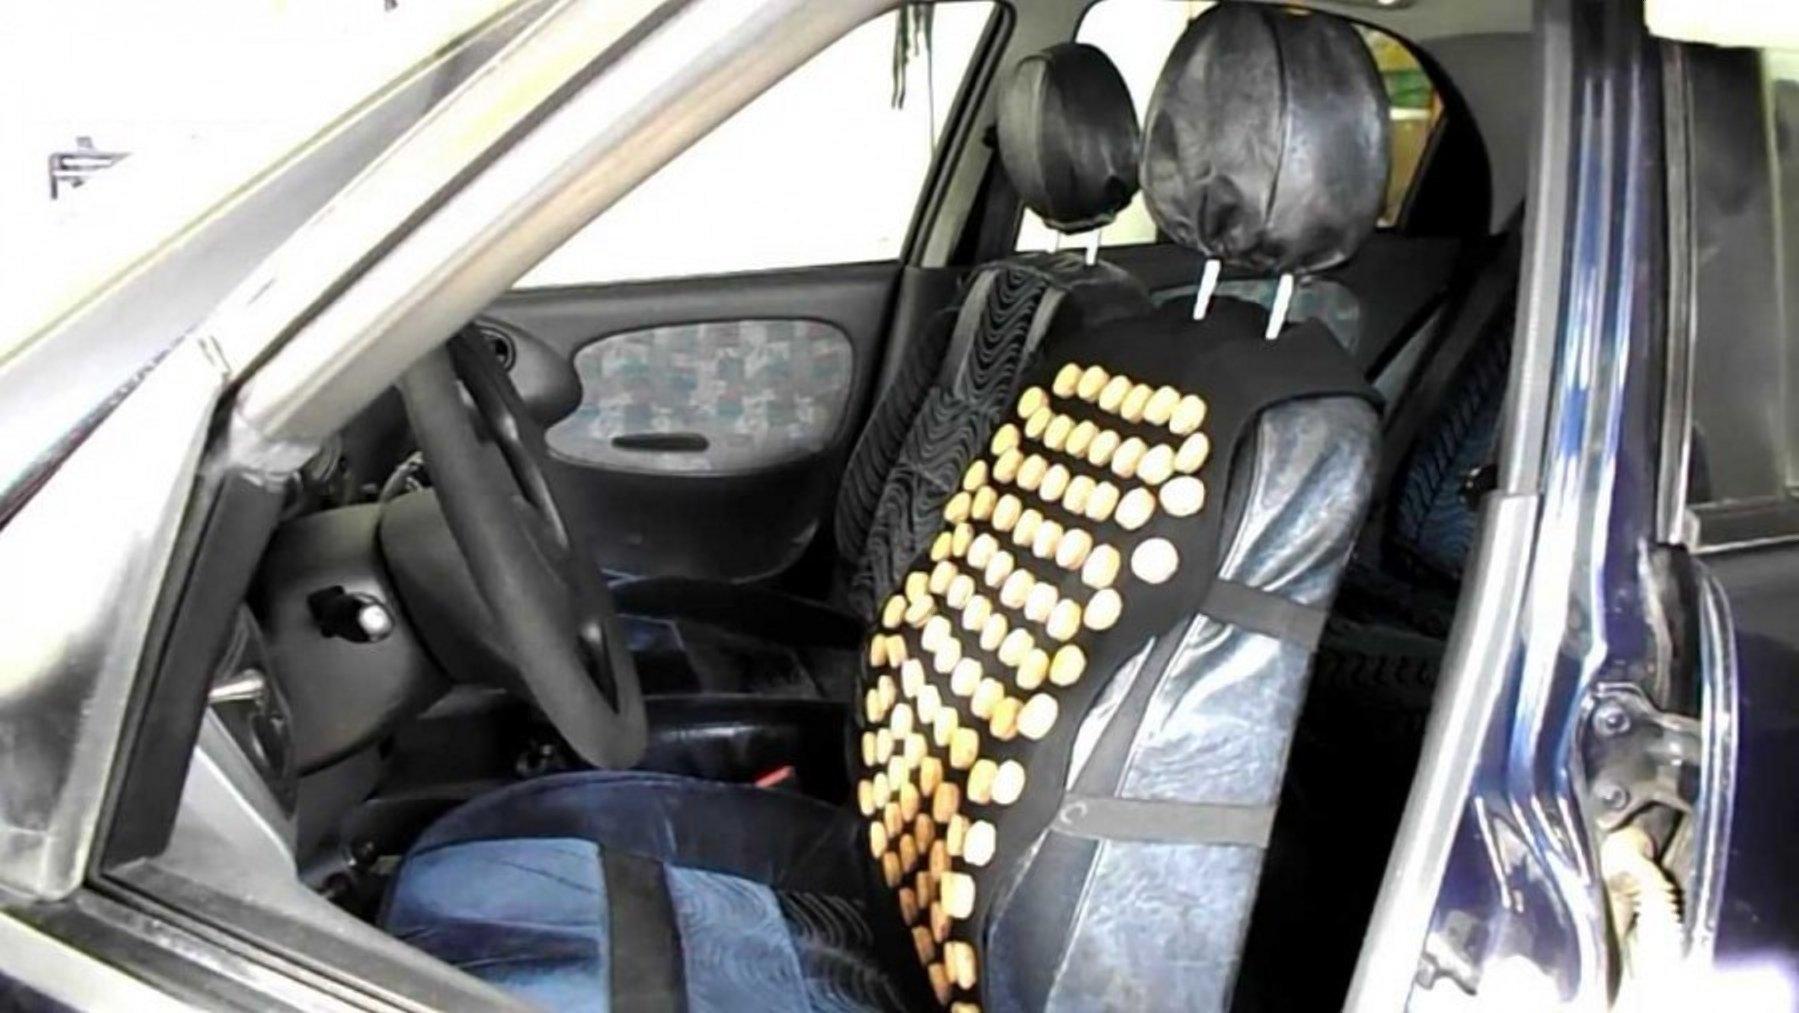 Як пробки від шампанського можуть стати в нагоді водієві